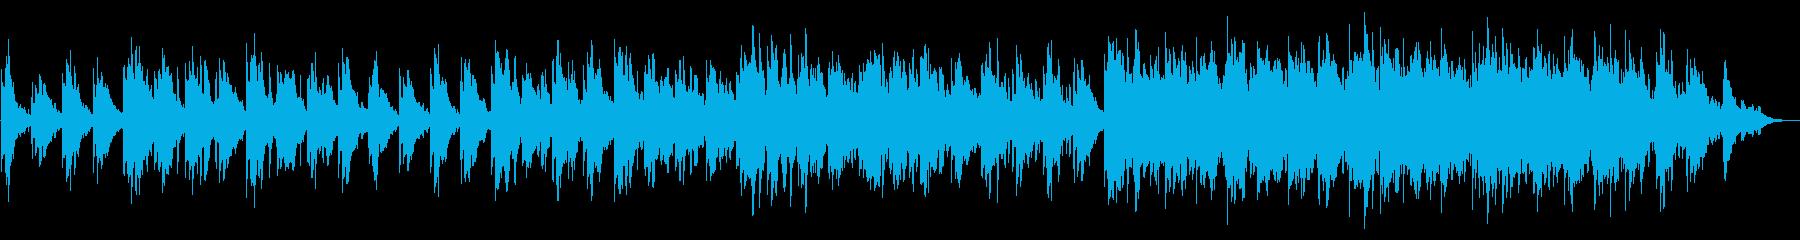 現代的 交響曲 室内楽 アンビエン...の再生済みの波形